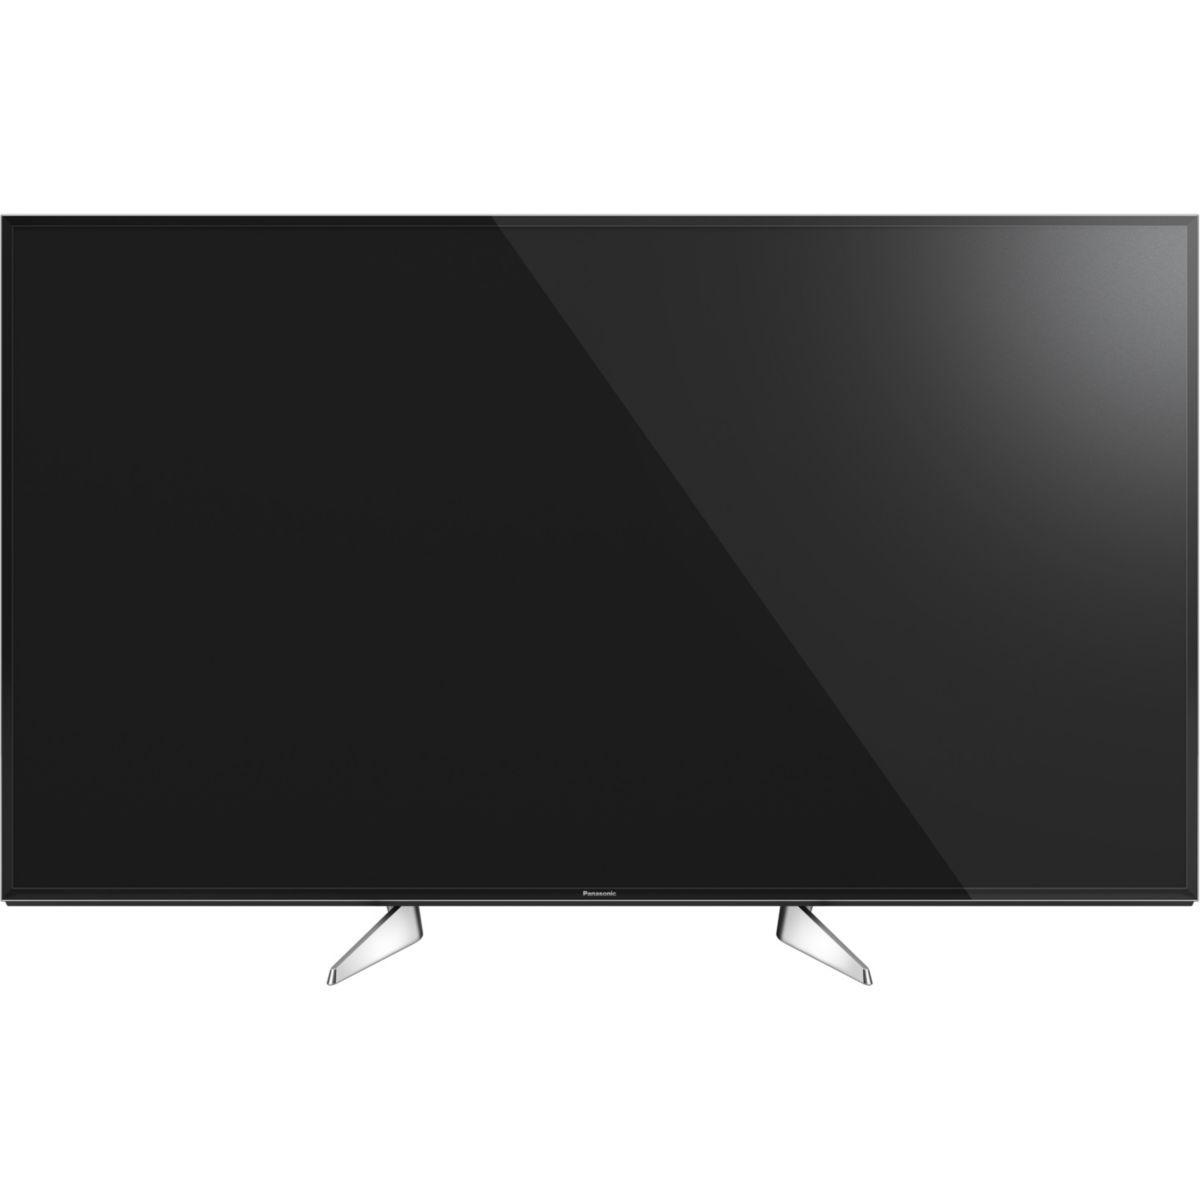 Tv panasonic tx-65ex600e 1300 bmr 4k hdr - 10% de remise imm�diate avec le code : noel10 (photo)